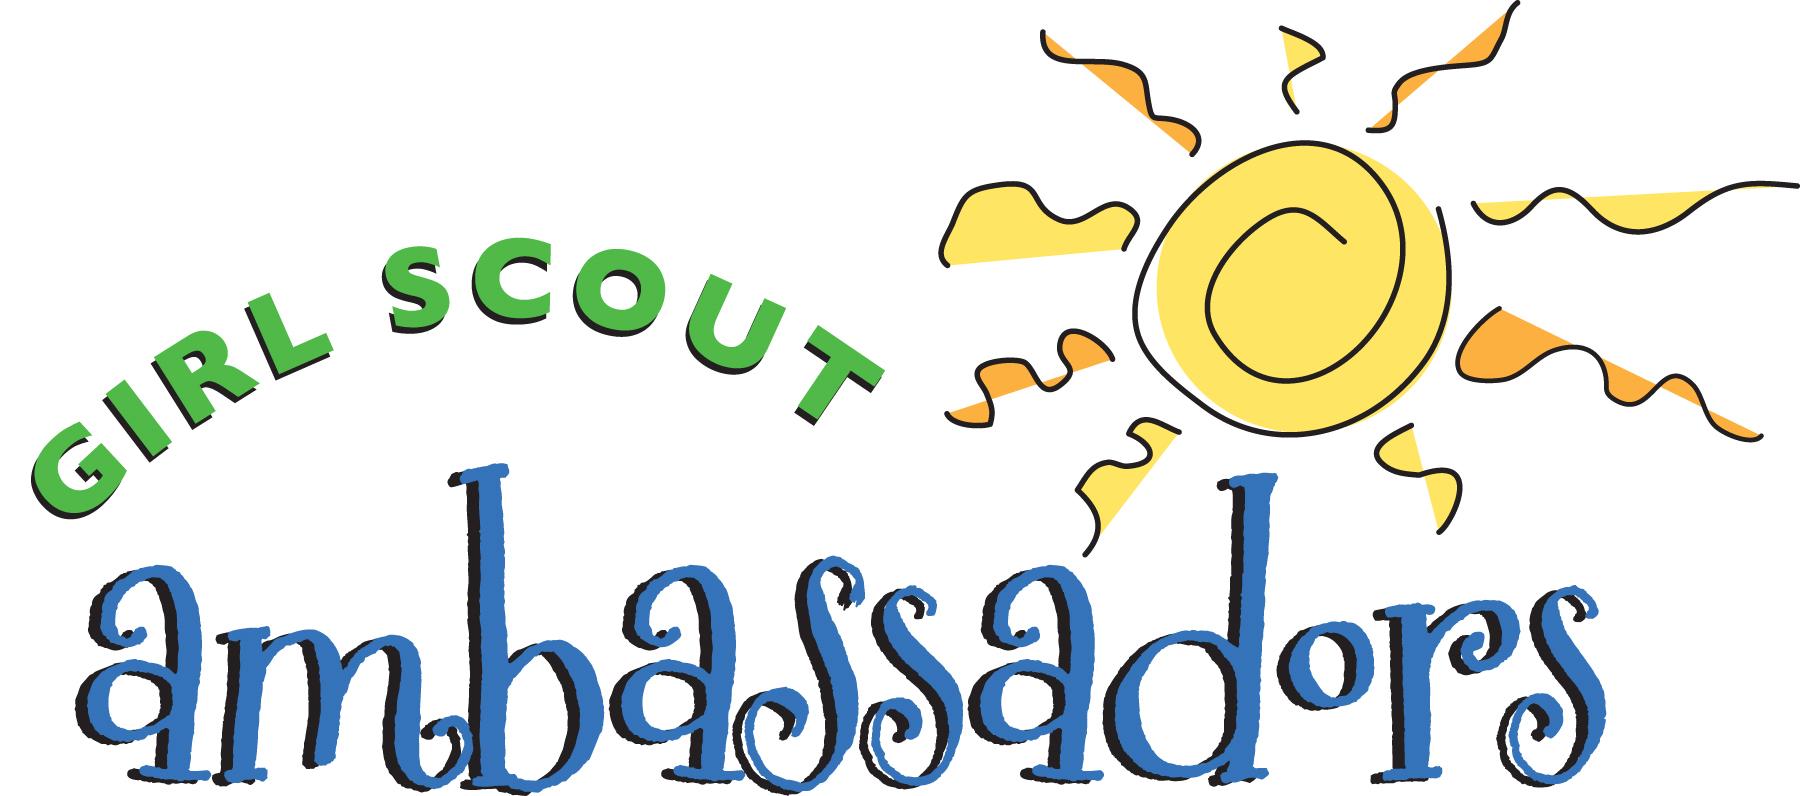 1800x796 Girl Scout Juniors Clip Art